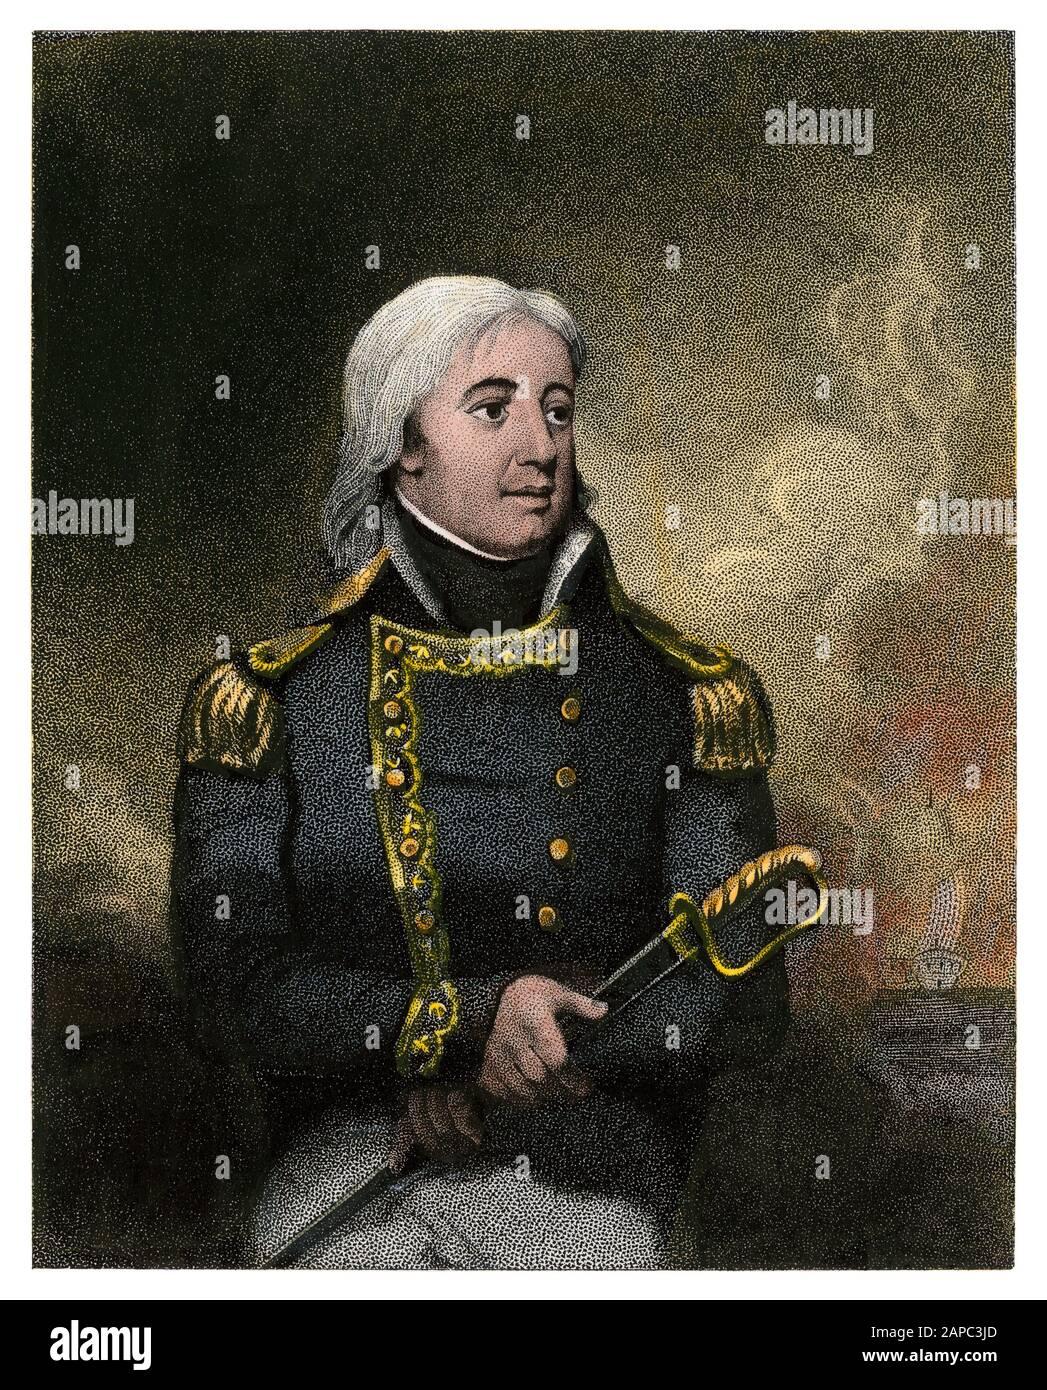 Joshua Barney, oficial naval de la Revolución Americana. Grabado de acero de color manual Foto de stock